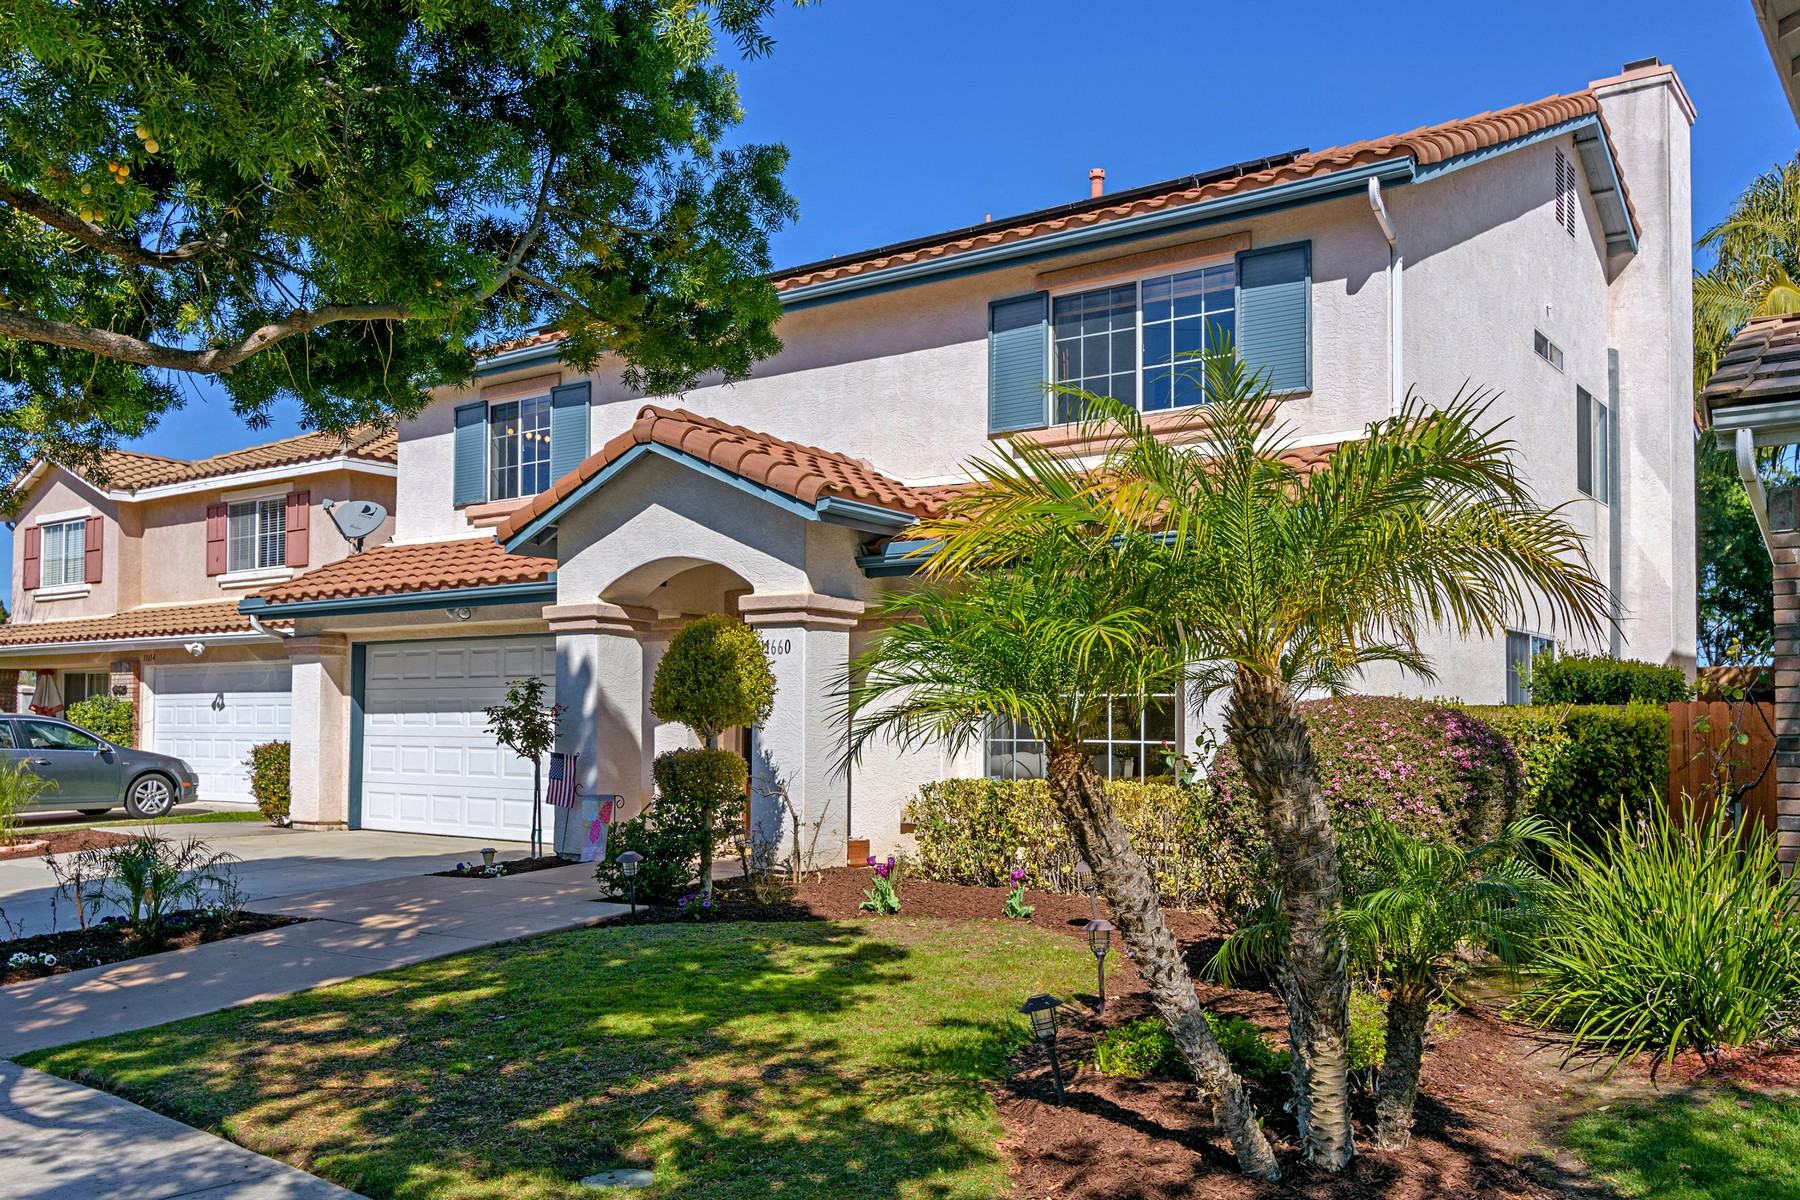 Maison unifamiliale pour l Vente à 11660 Vail Court San Diego, Californie, 92131 États-Unis